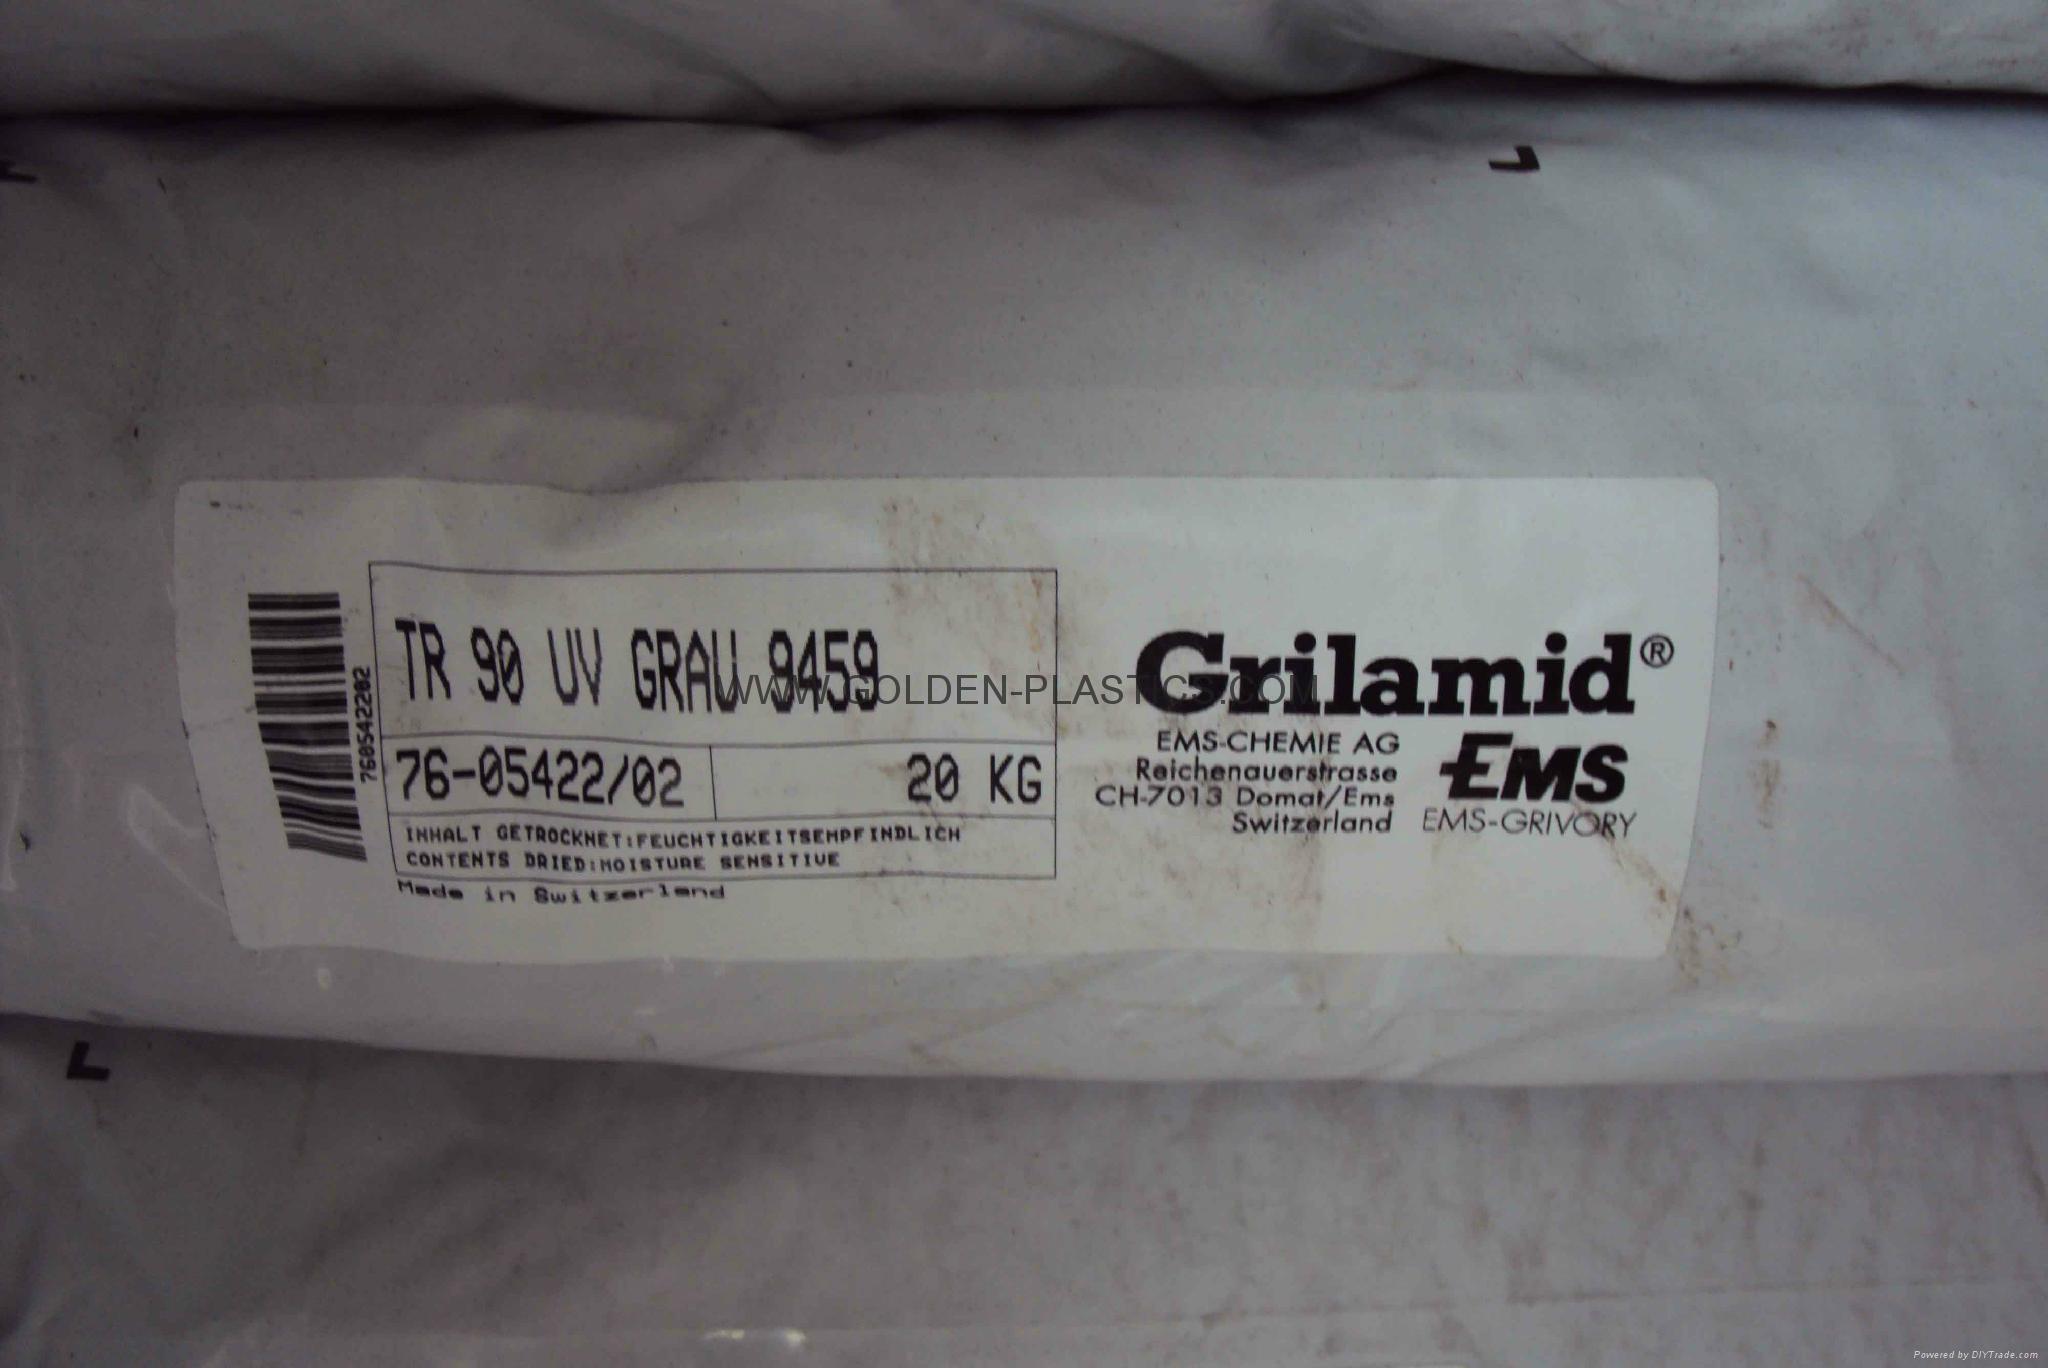 Grilamid TR90 UV GRAU 9459